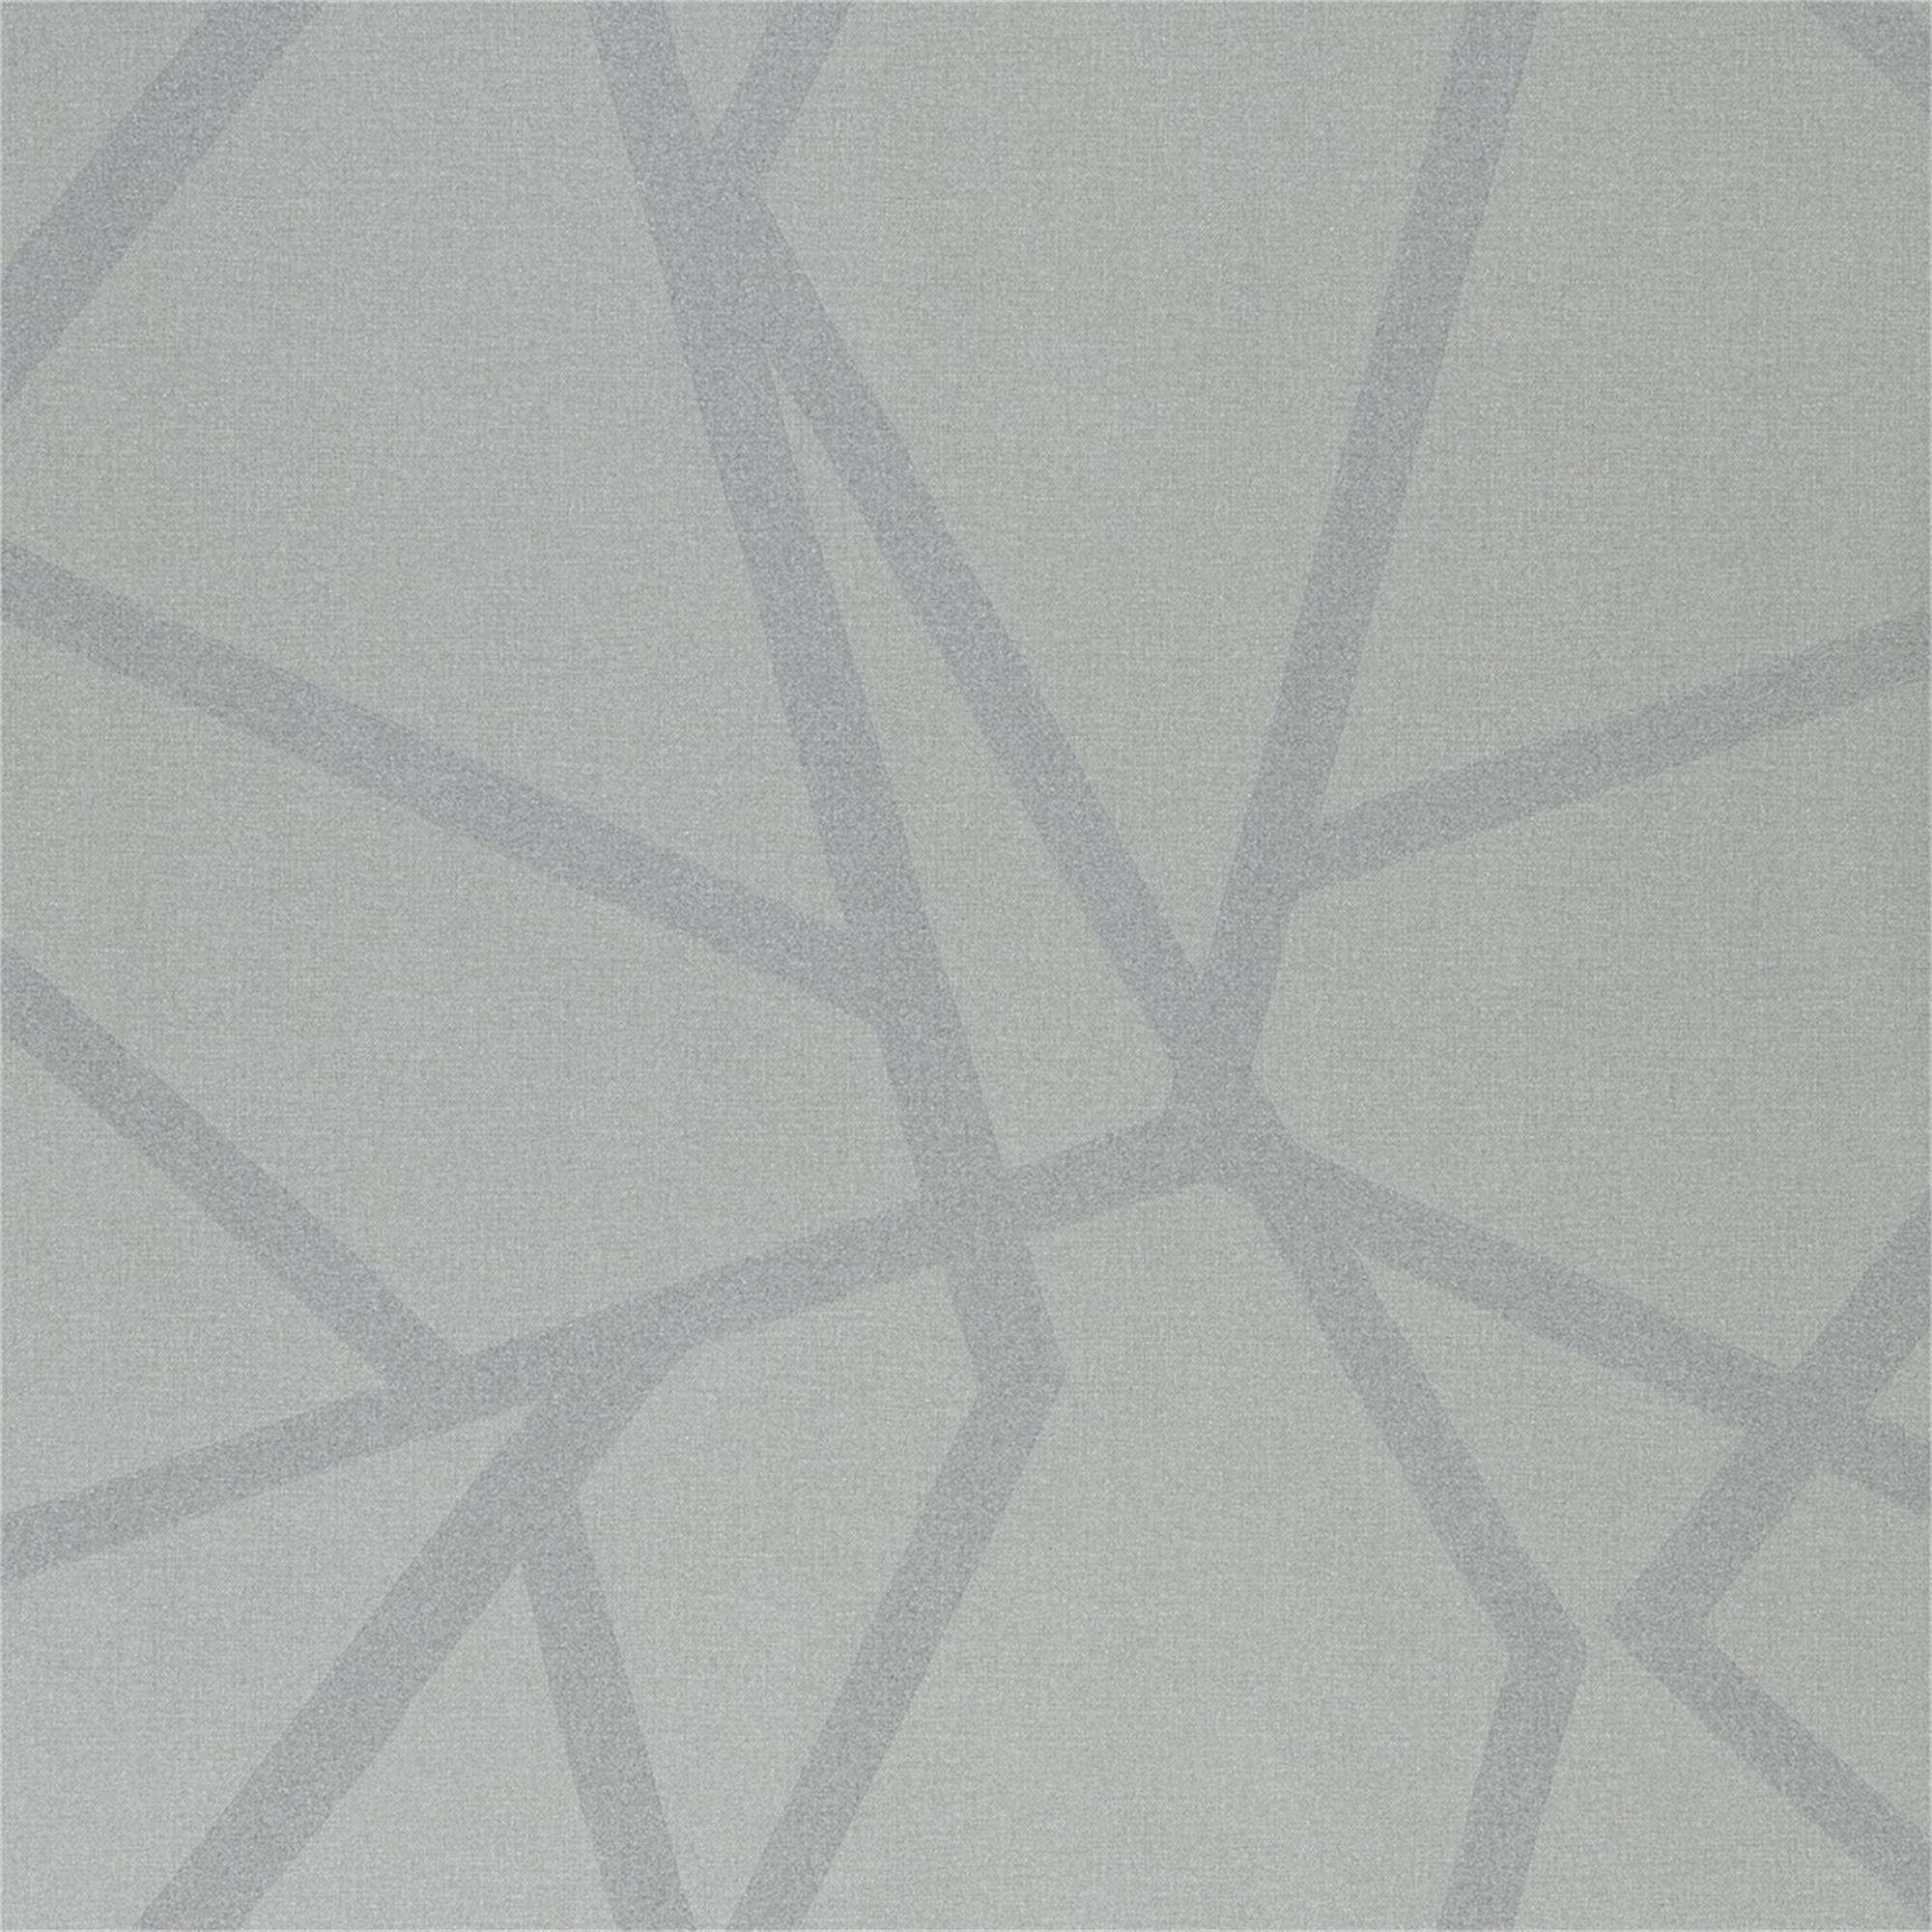 Rotolo carta da parati fantasia geometrica tina codazzo home for Rotolo carta da parati adesiva